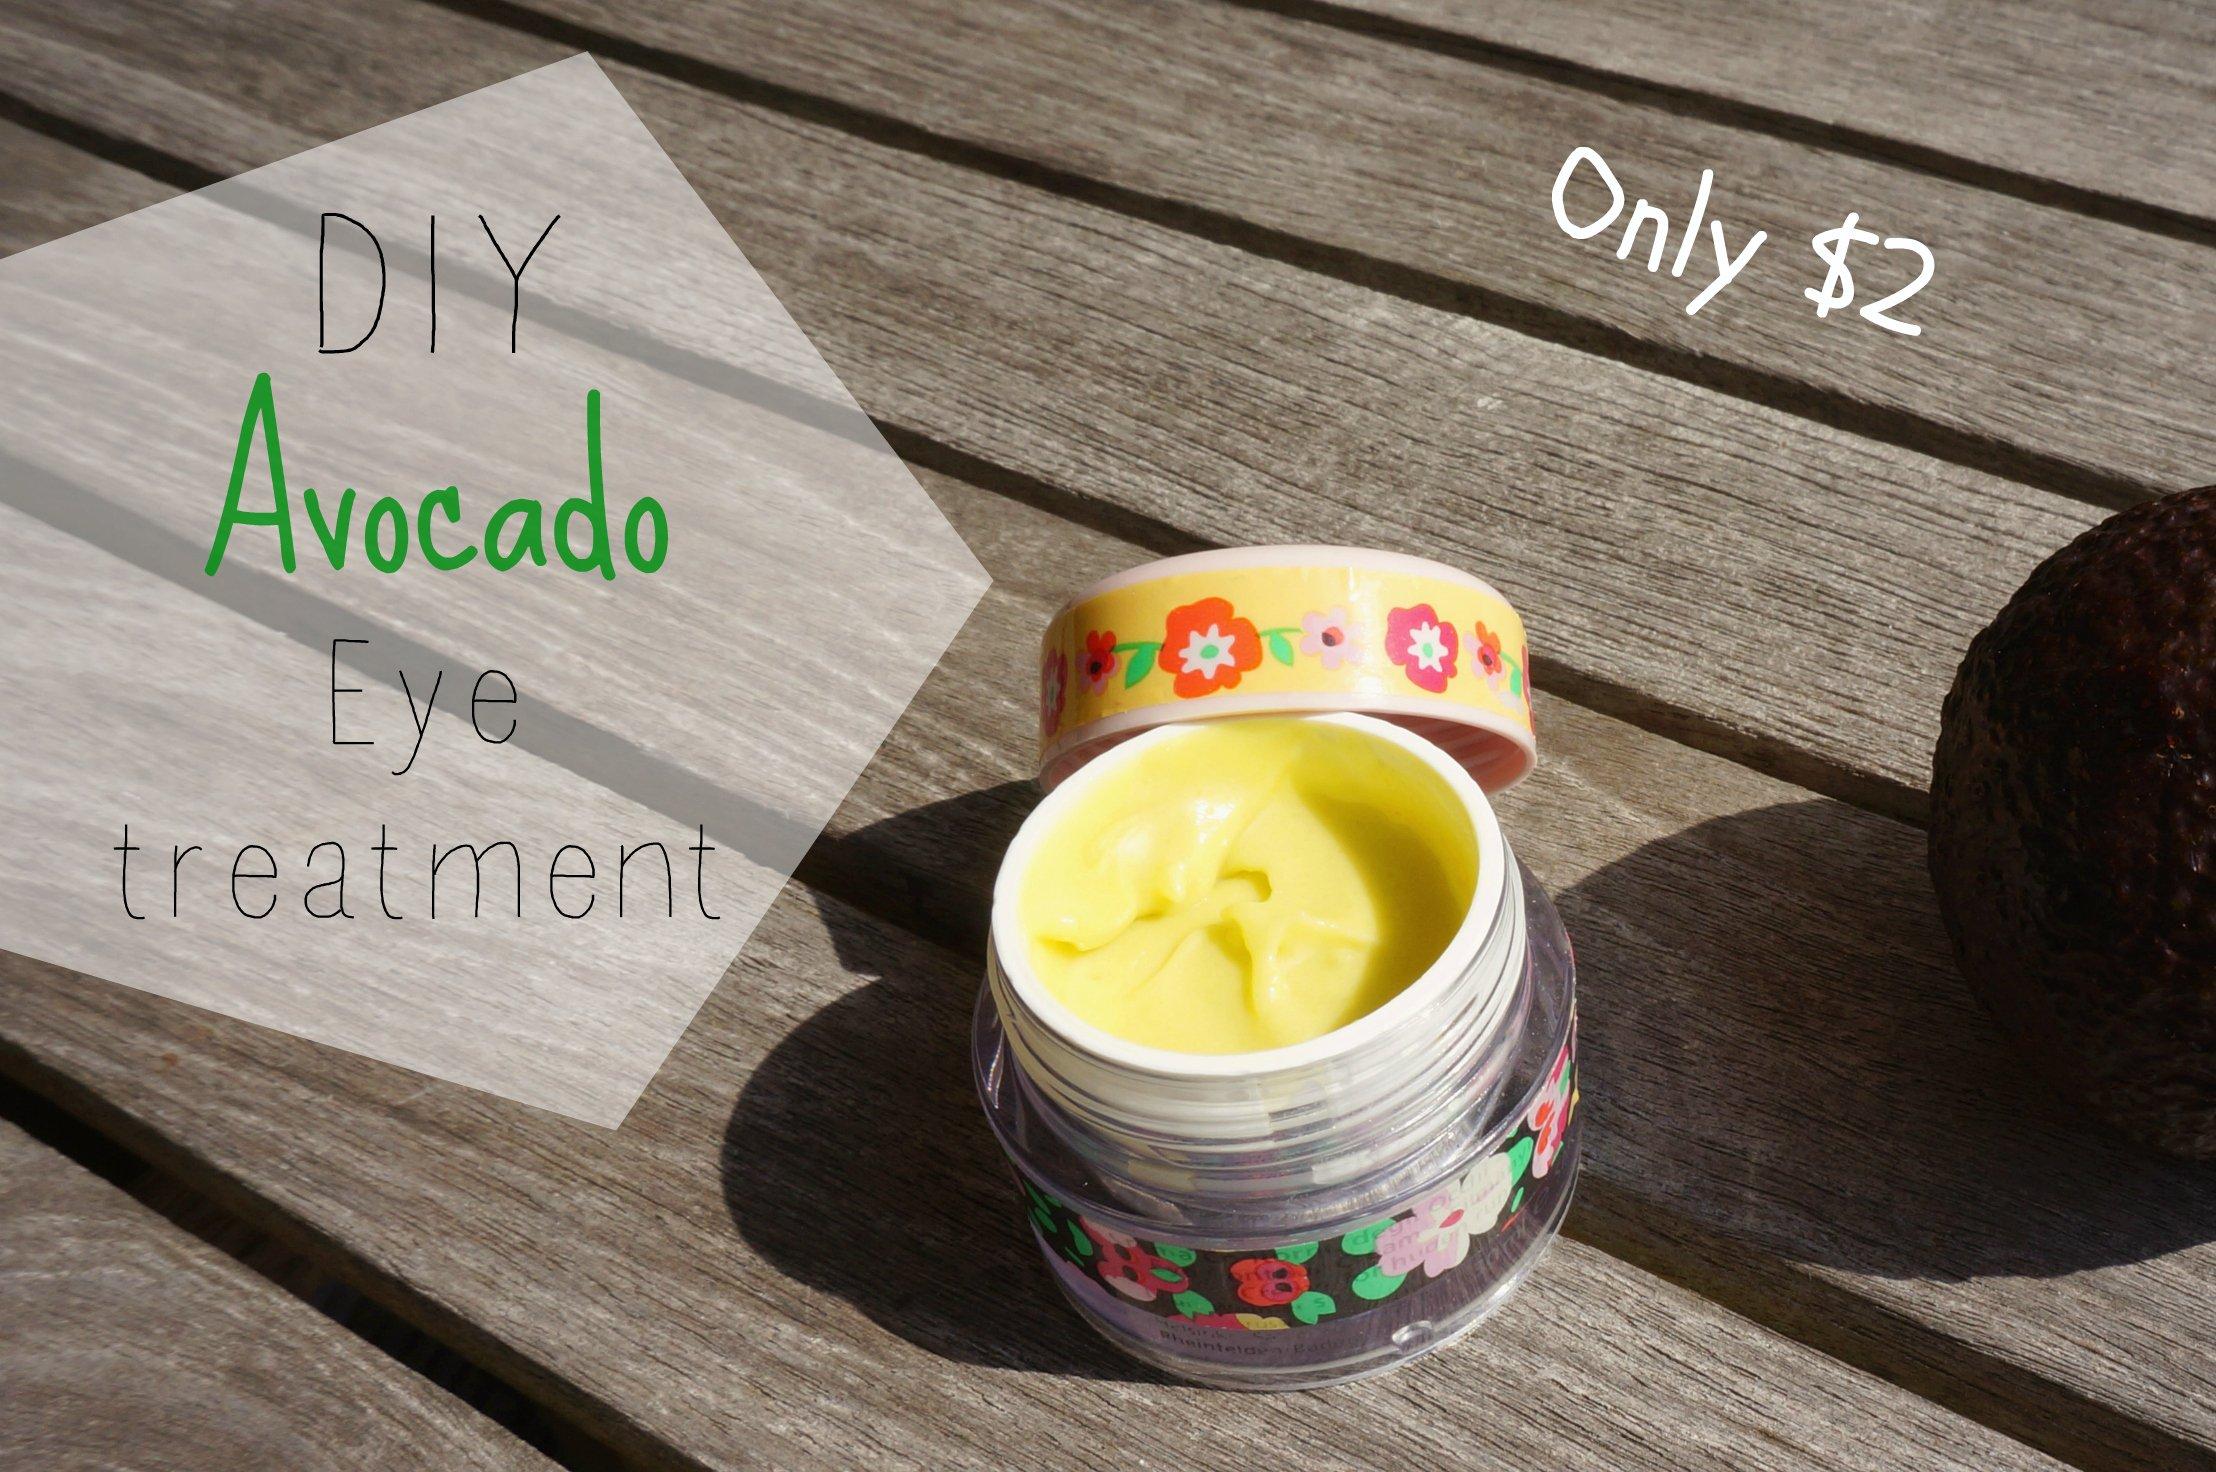 DIY Avocado Eye Cream {inspired by Kiehl's Eye Treatment}